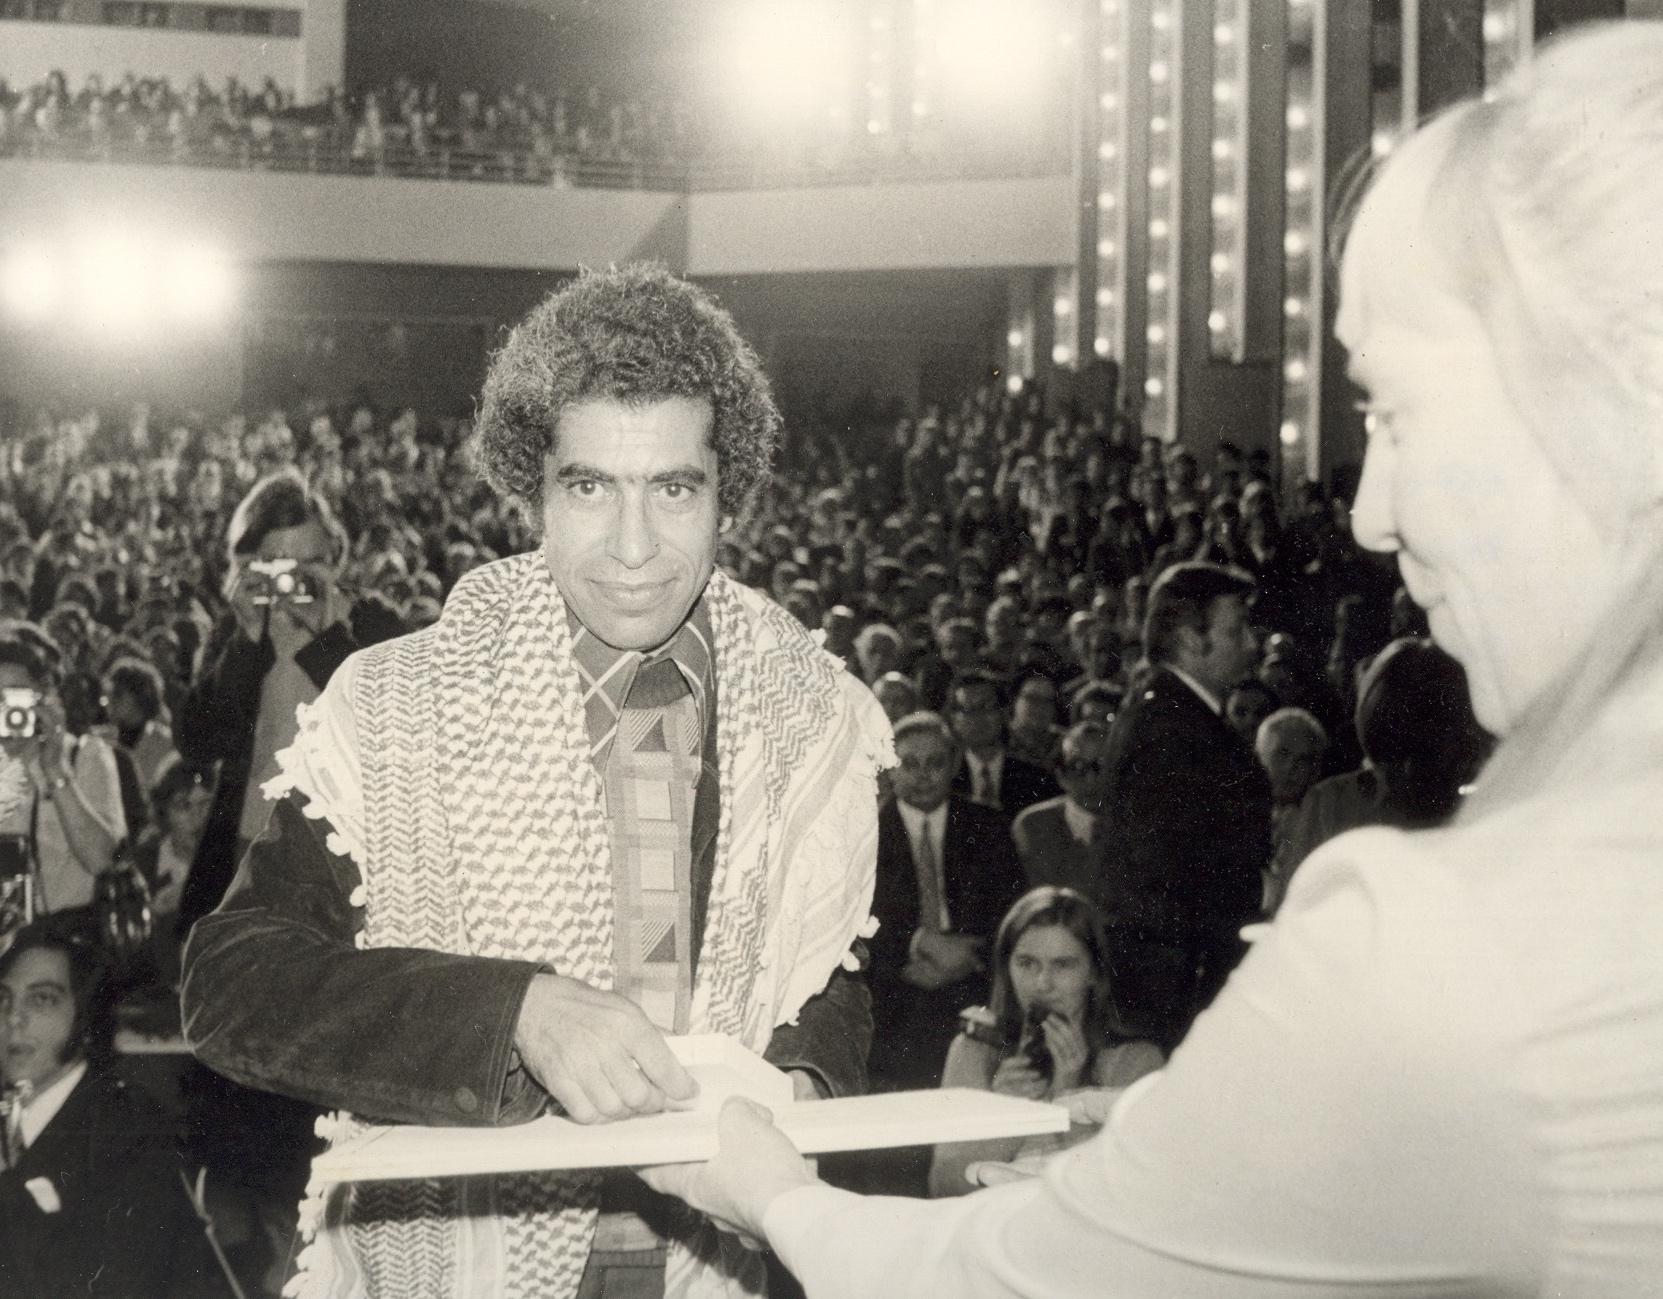 قاسم حول يتسلم حمامة بيكاسو الفضية جائزة فيلم بيوتنا الصغيرة 1974 في مهرجان لايبزغ